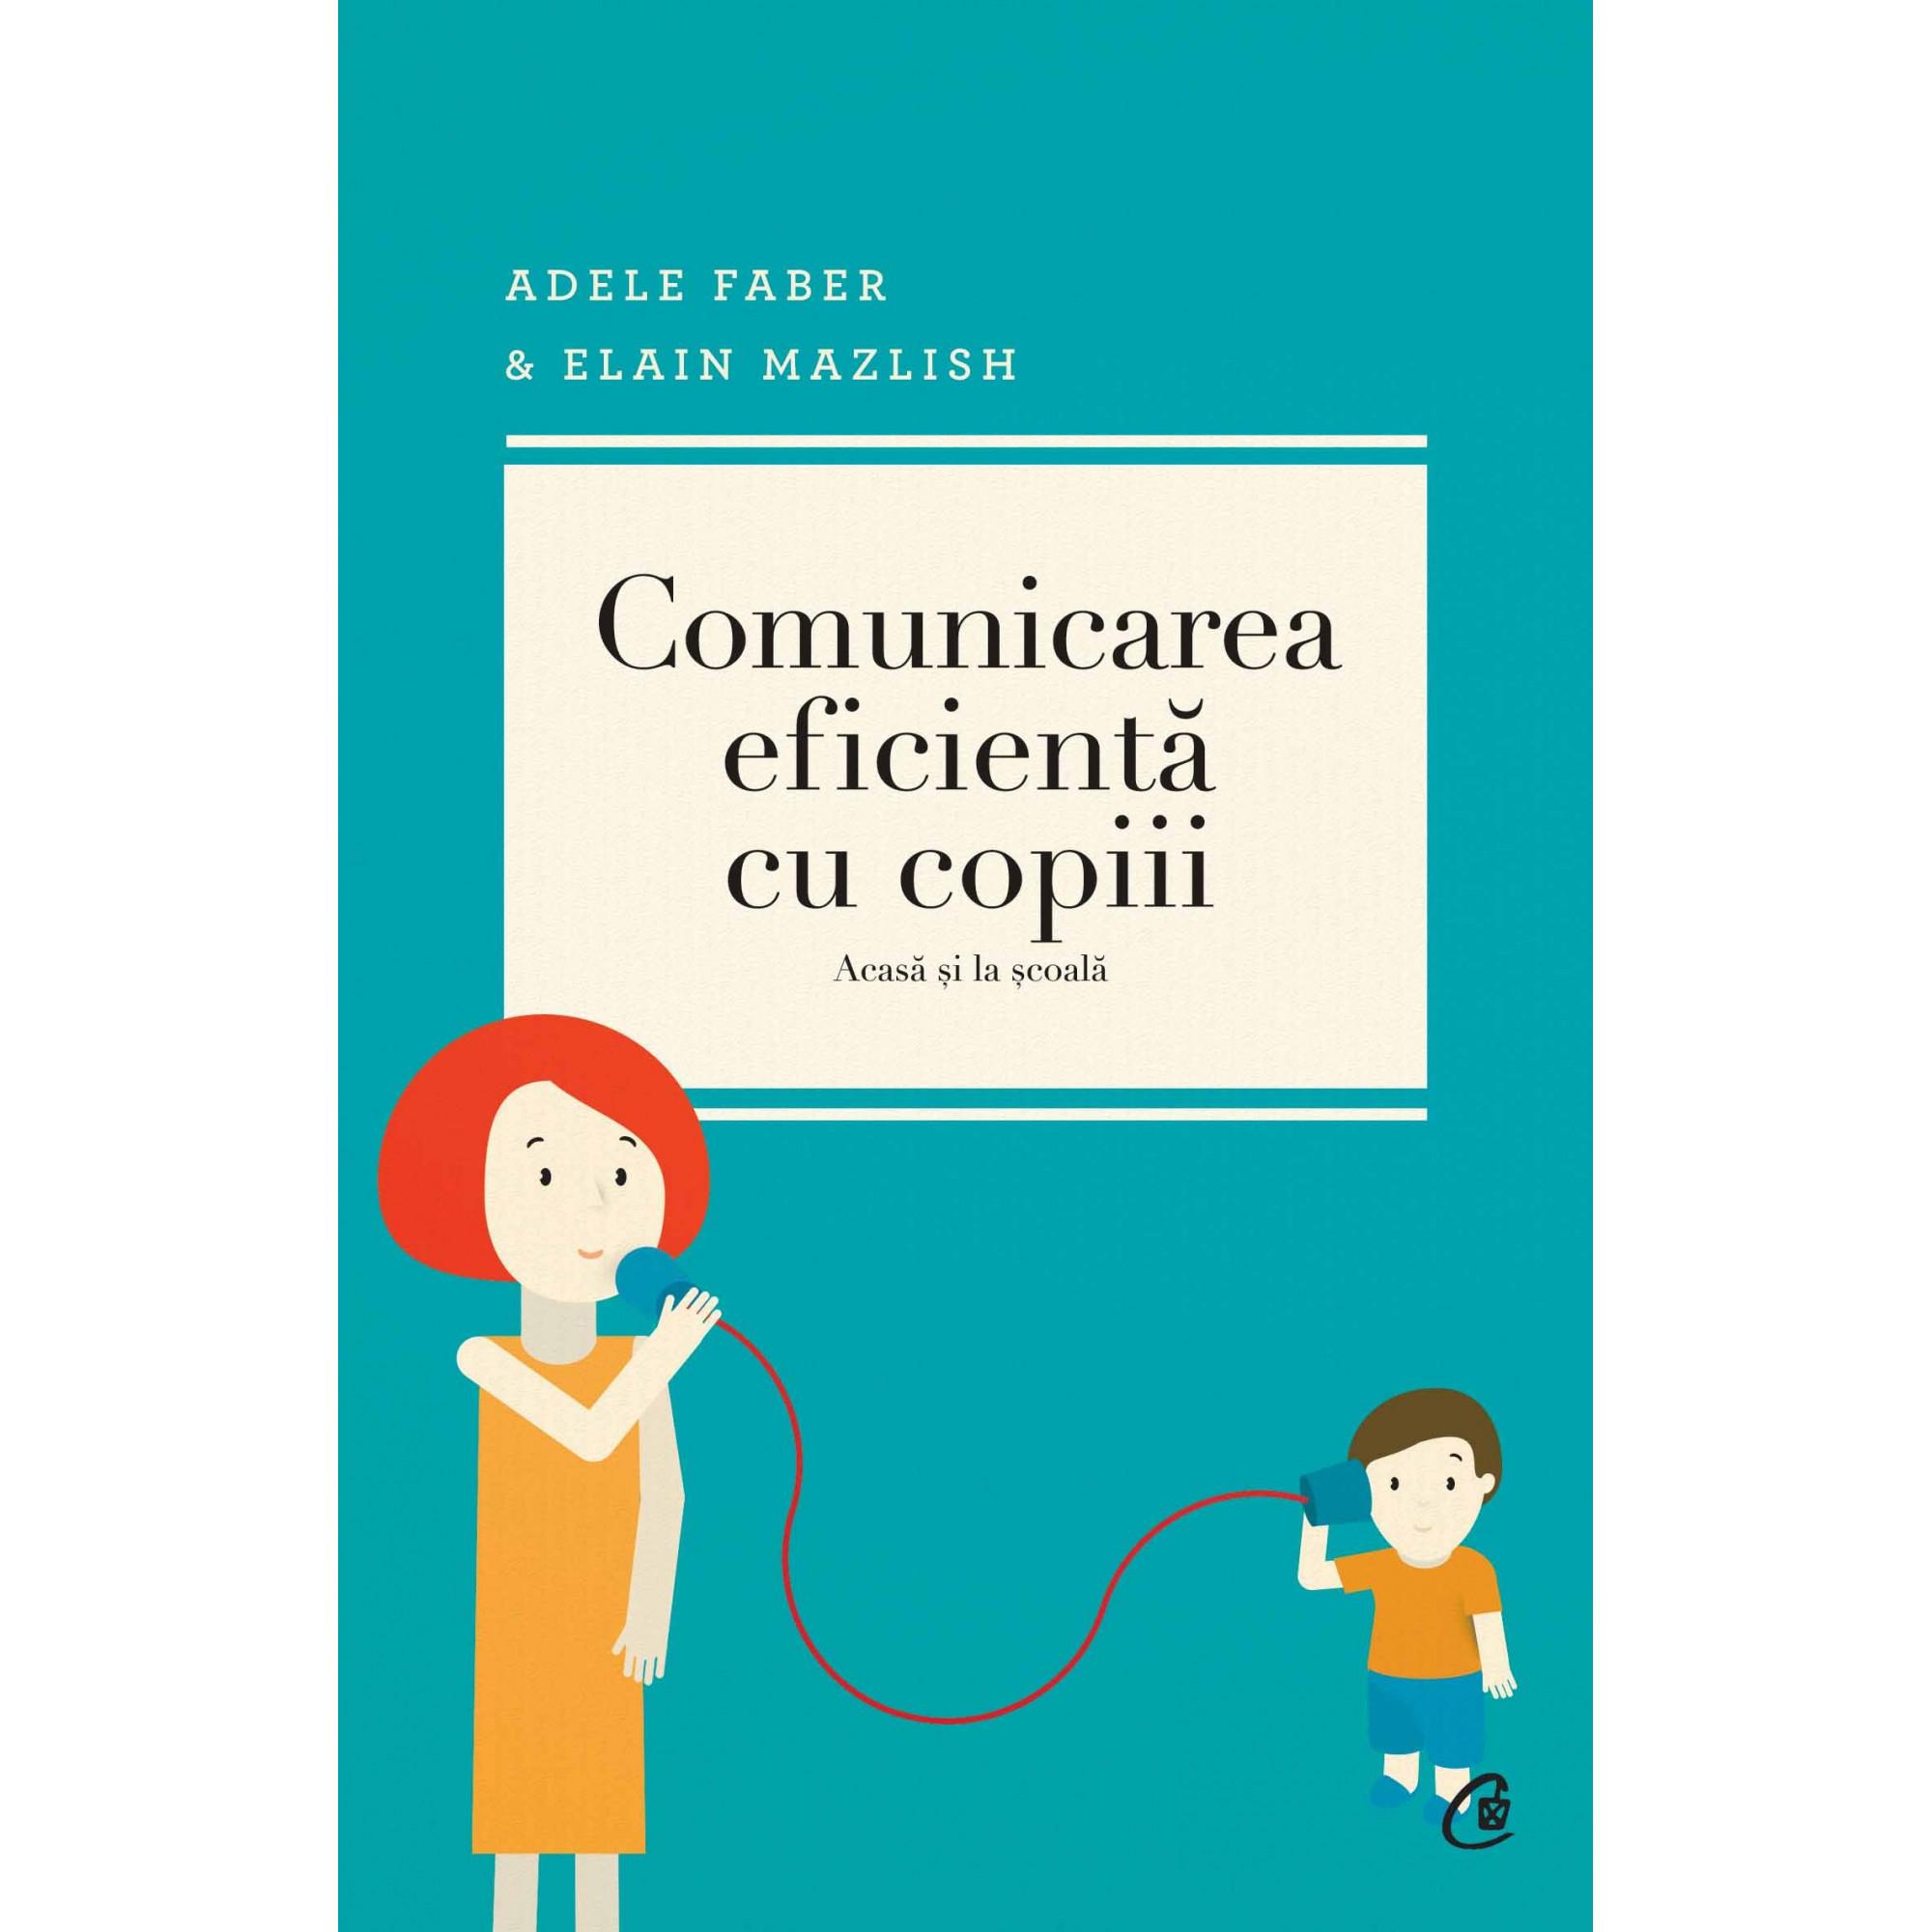 Comunicarea eficientă cu copiii. Ediţia a IV-a. Acasă şi la şcoală